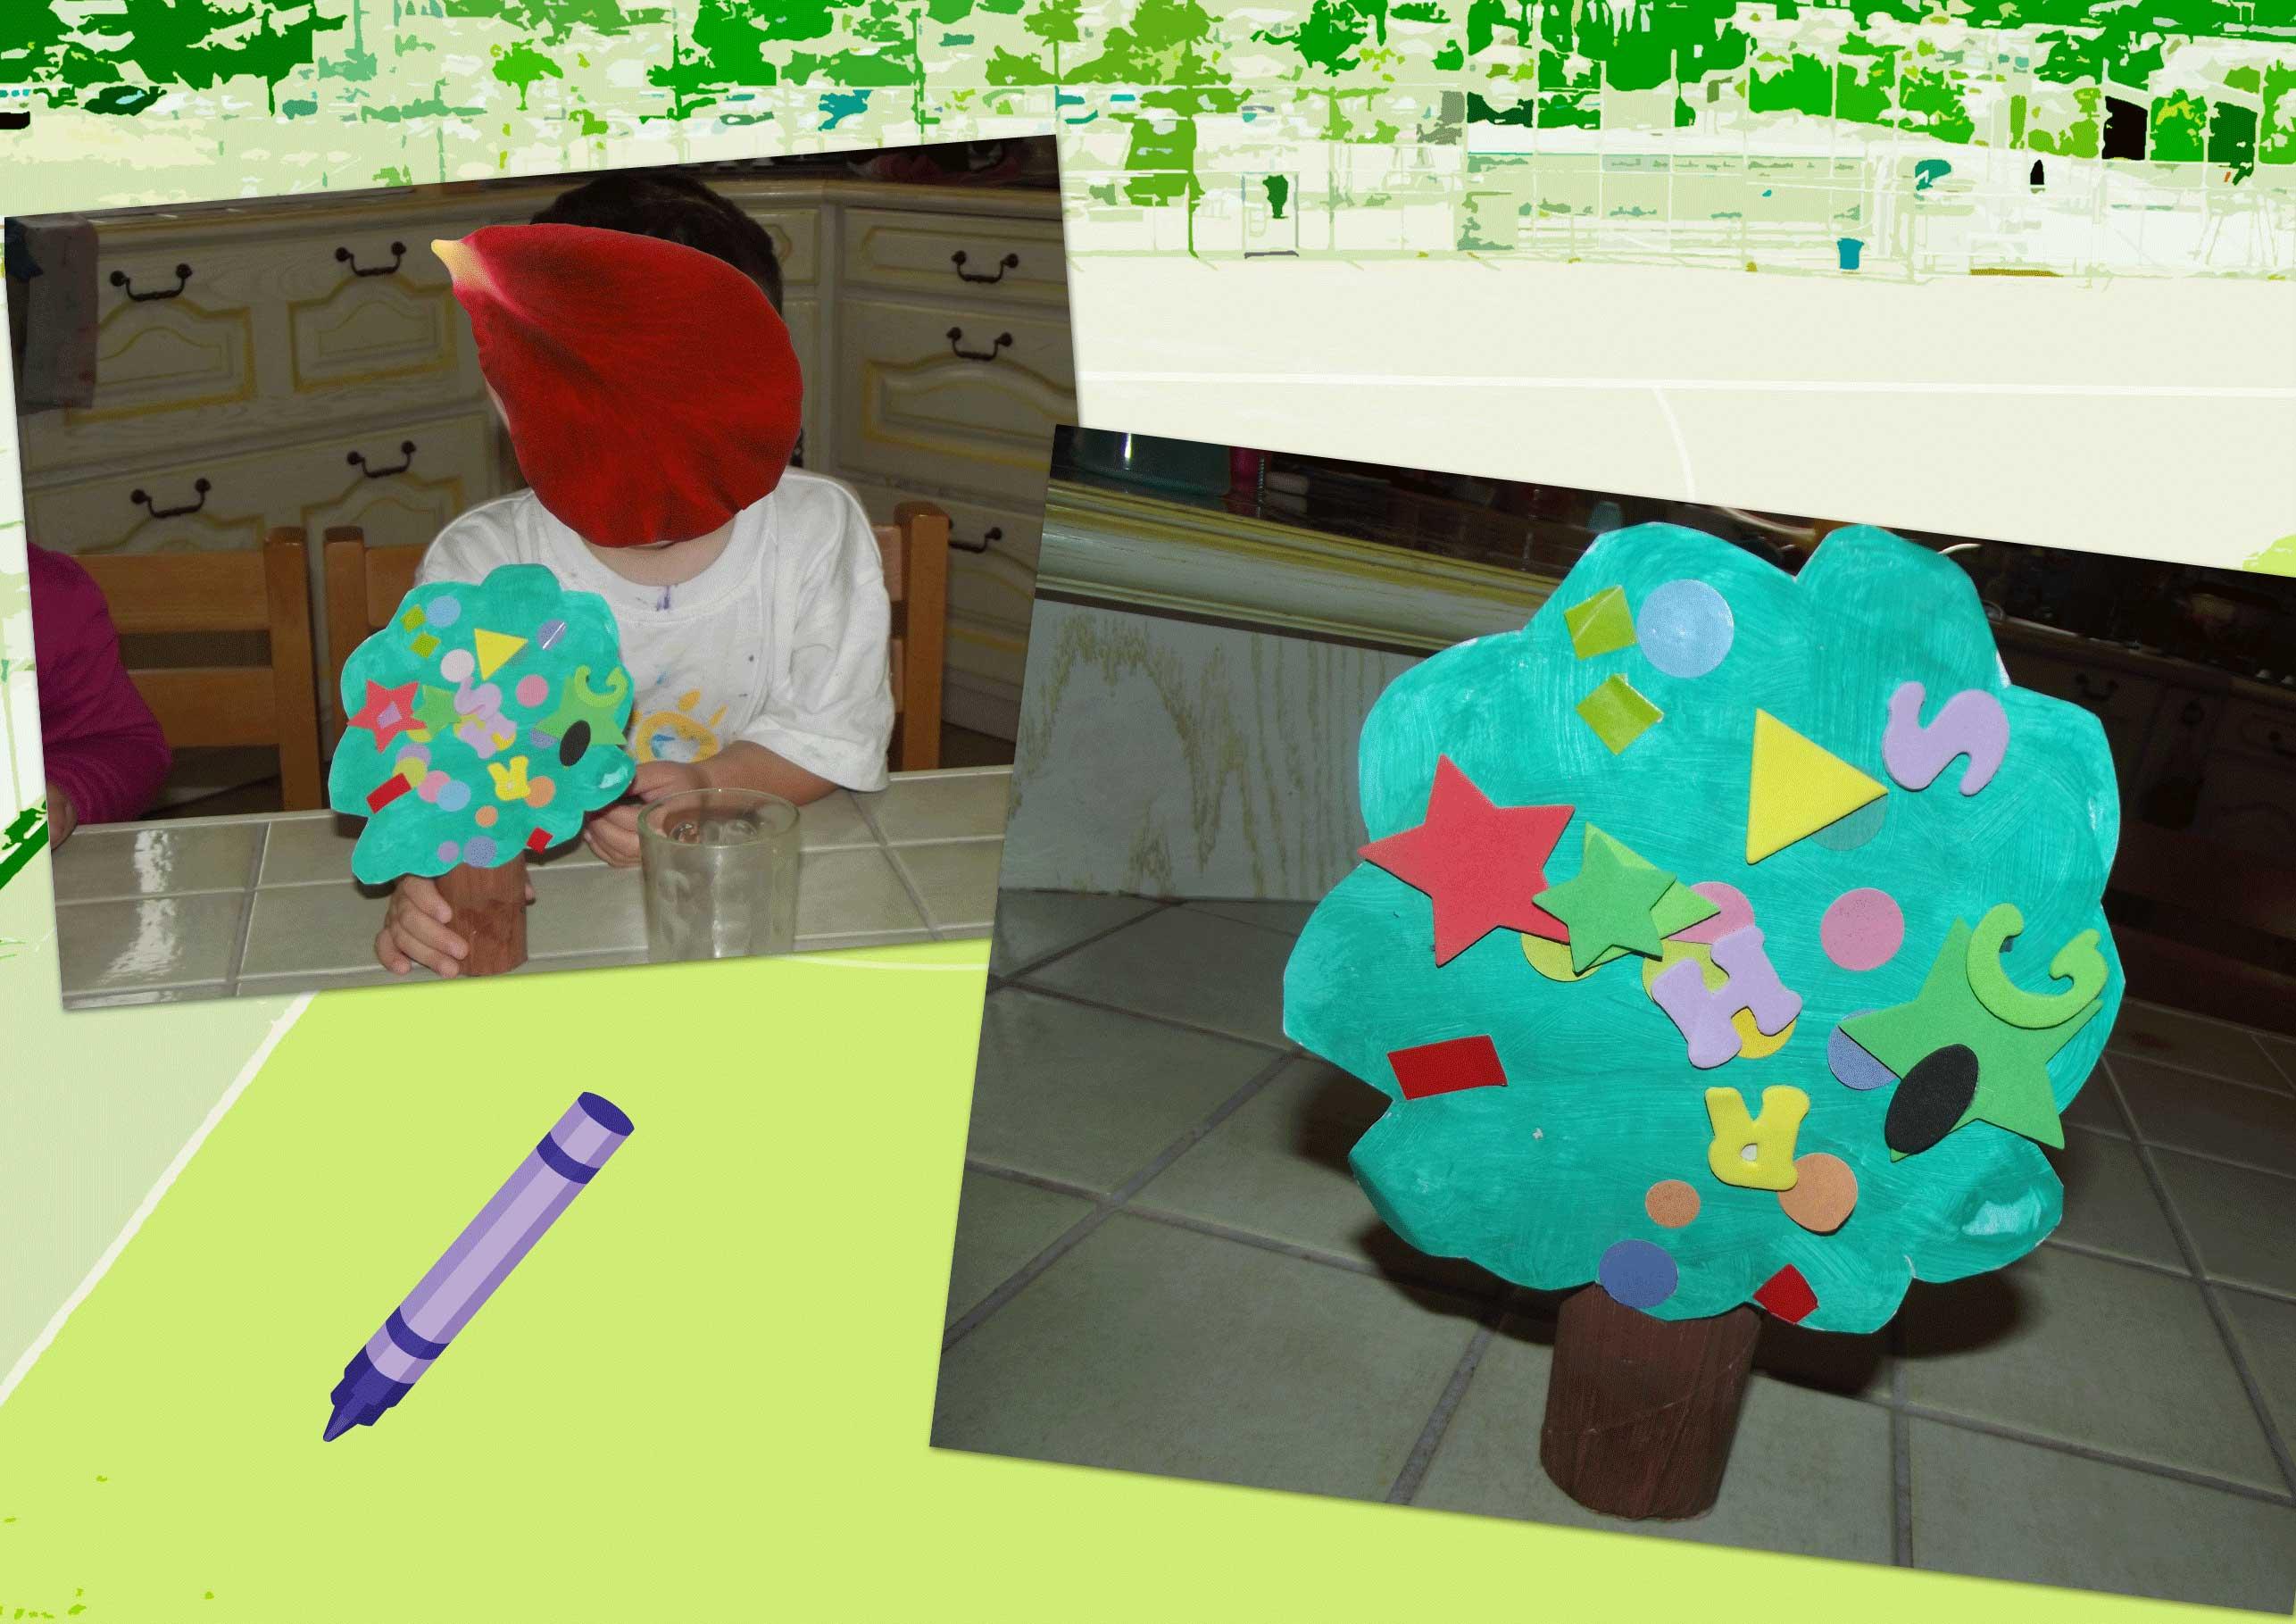 Activite automne page 2 - Arbre rouleau papier toilette ...